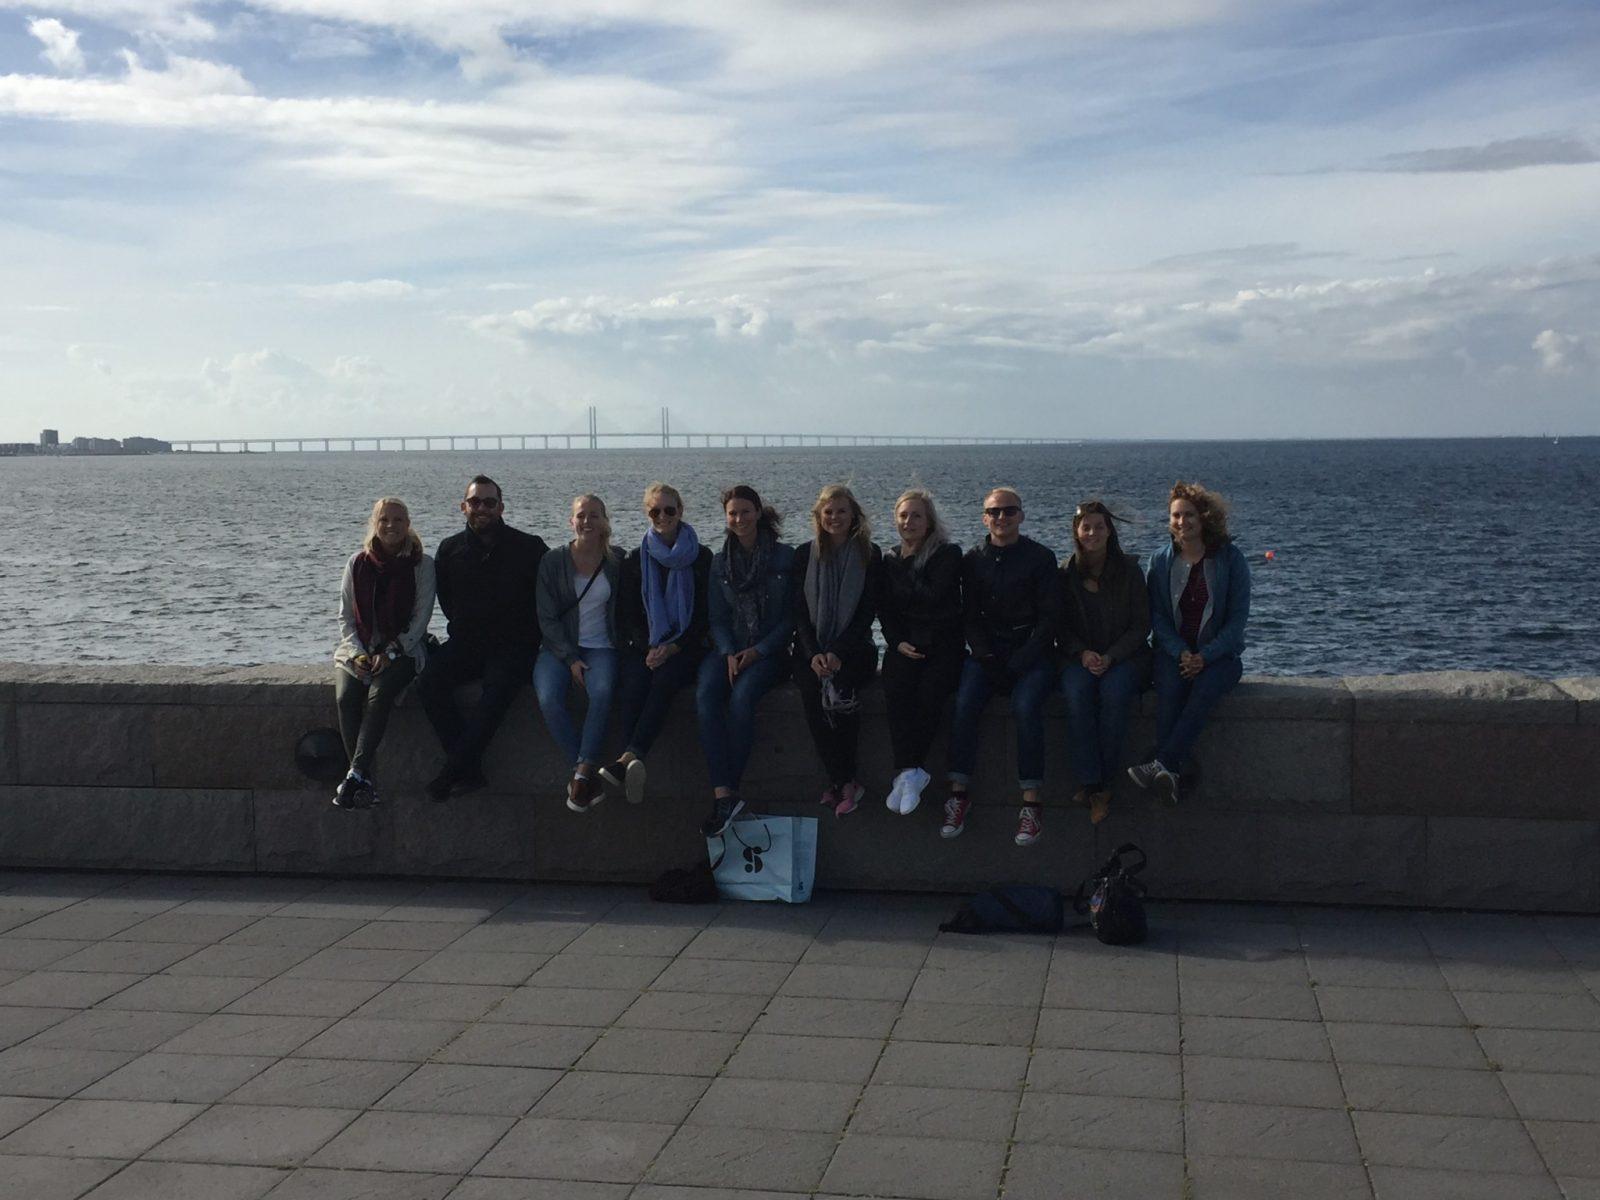 Traineer på besök i Malmö